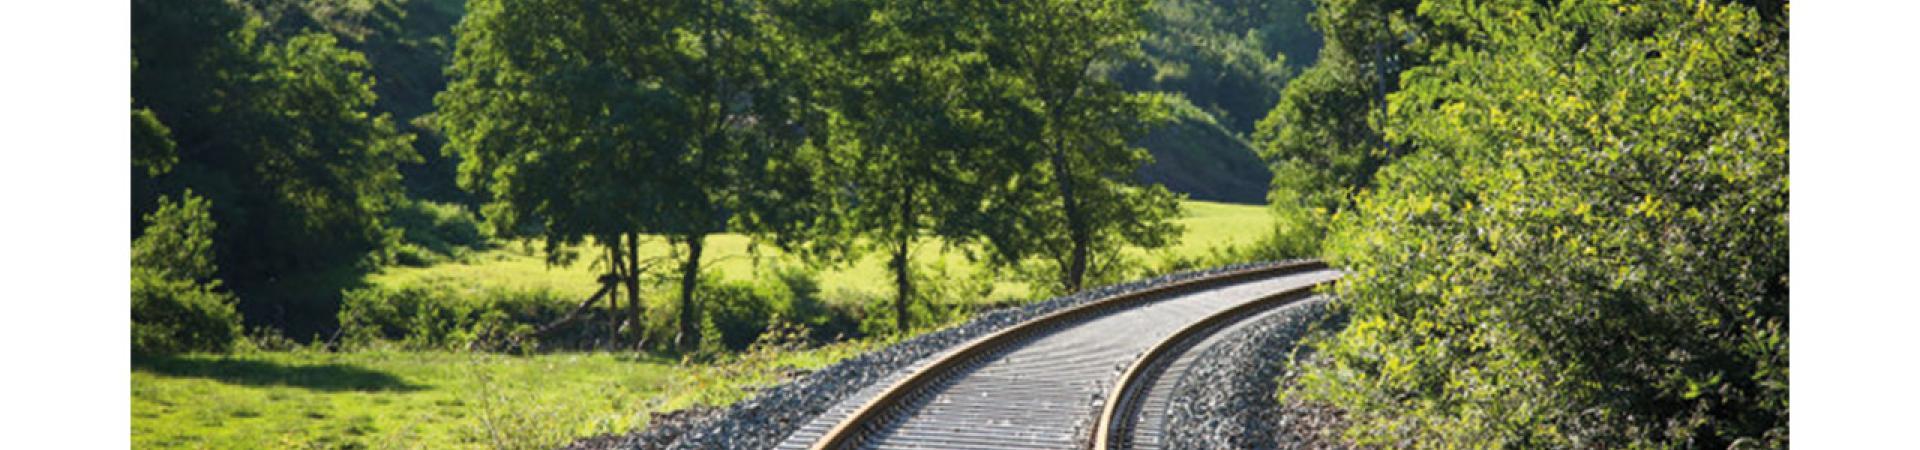 GREEN TRACK CONTEST : Etudiants ? Aidez-nous à améliorer le désherbage de la voie ferrée.